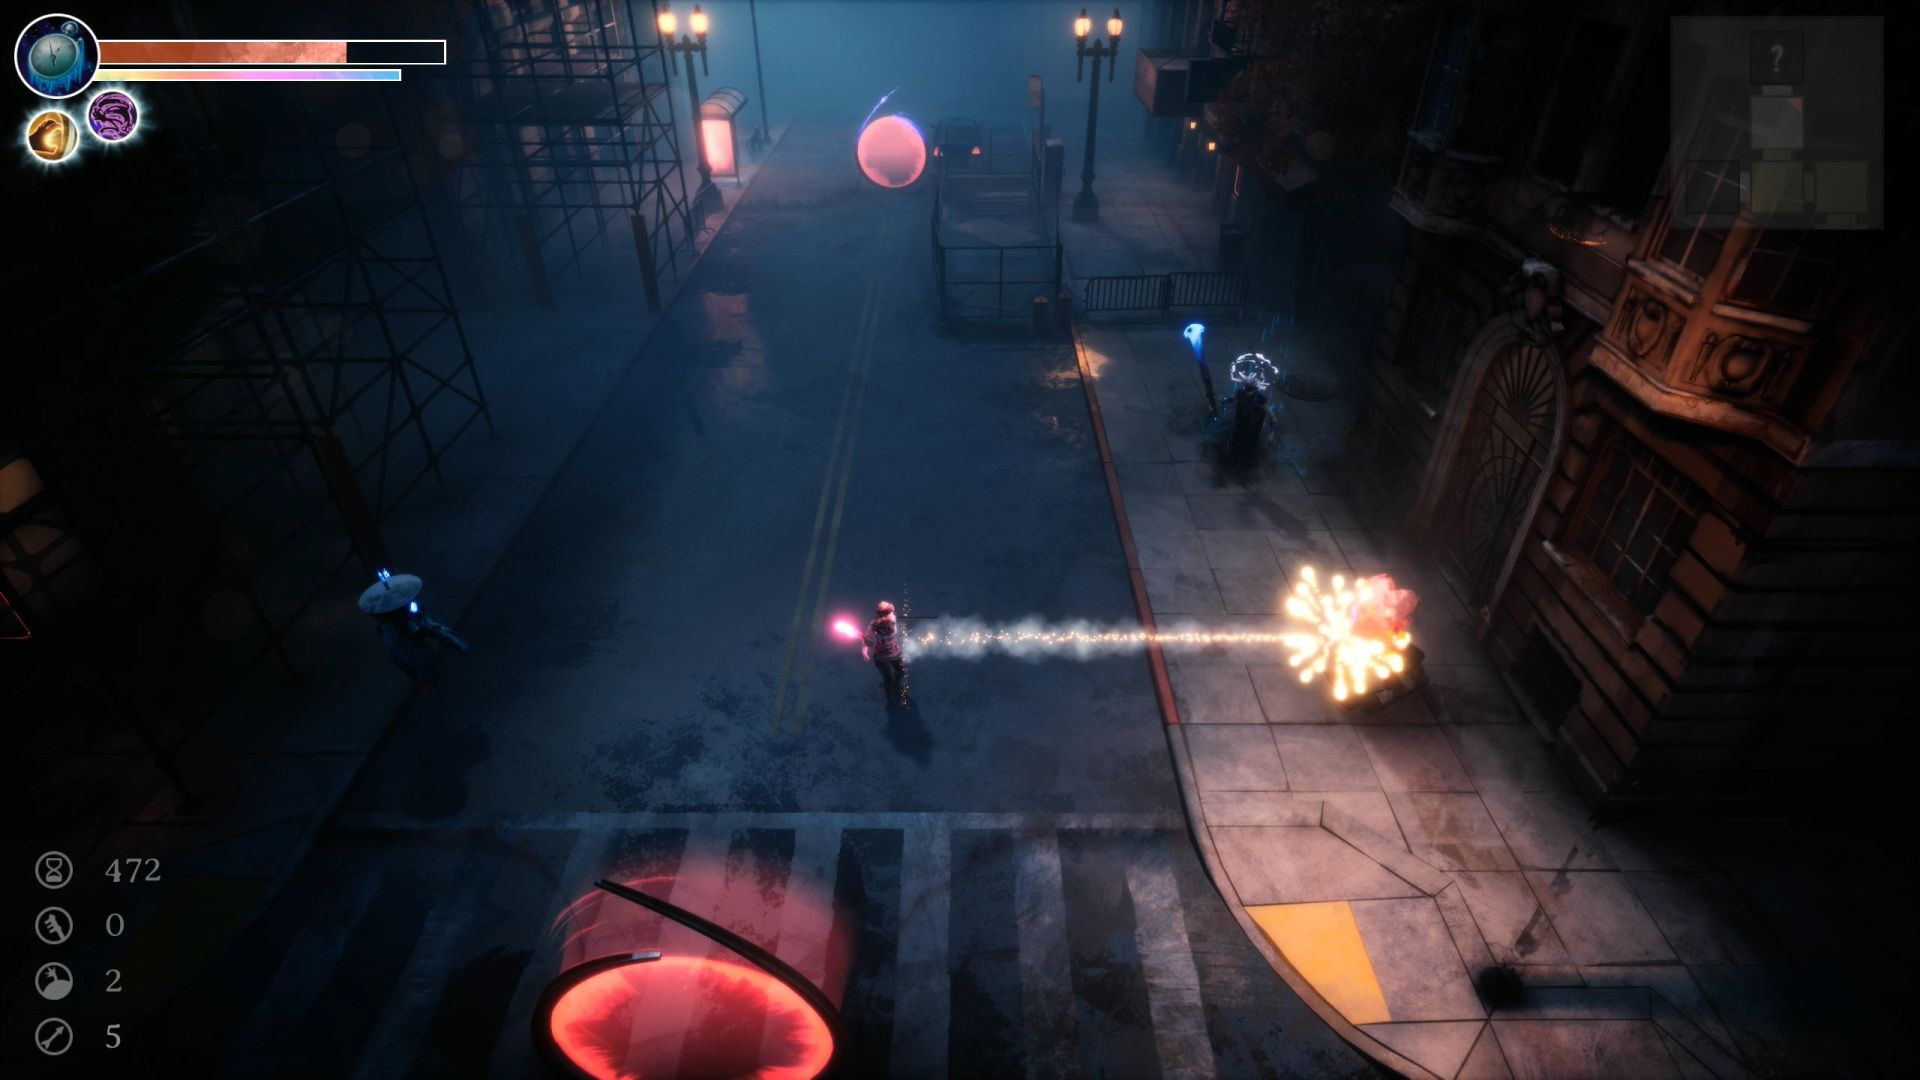 Una captura de pantalla de una calle oscura en Dreamscaper.  El personaje del jugador ha disparado un cohete de botella a un enemigo y ha explotado en muchas luces parpadeantes.